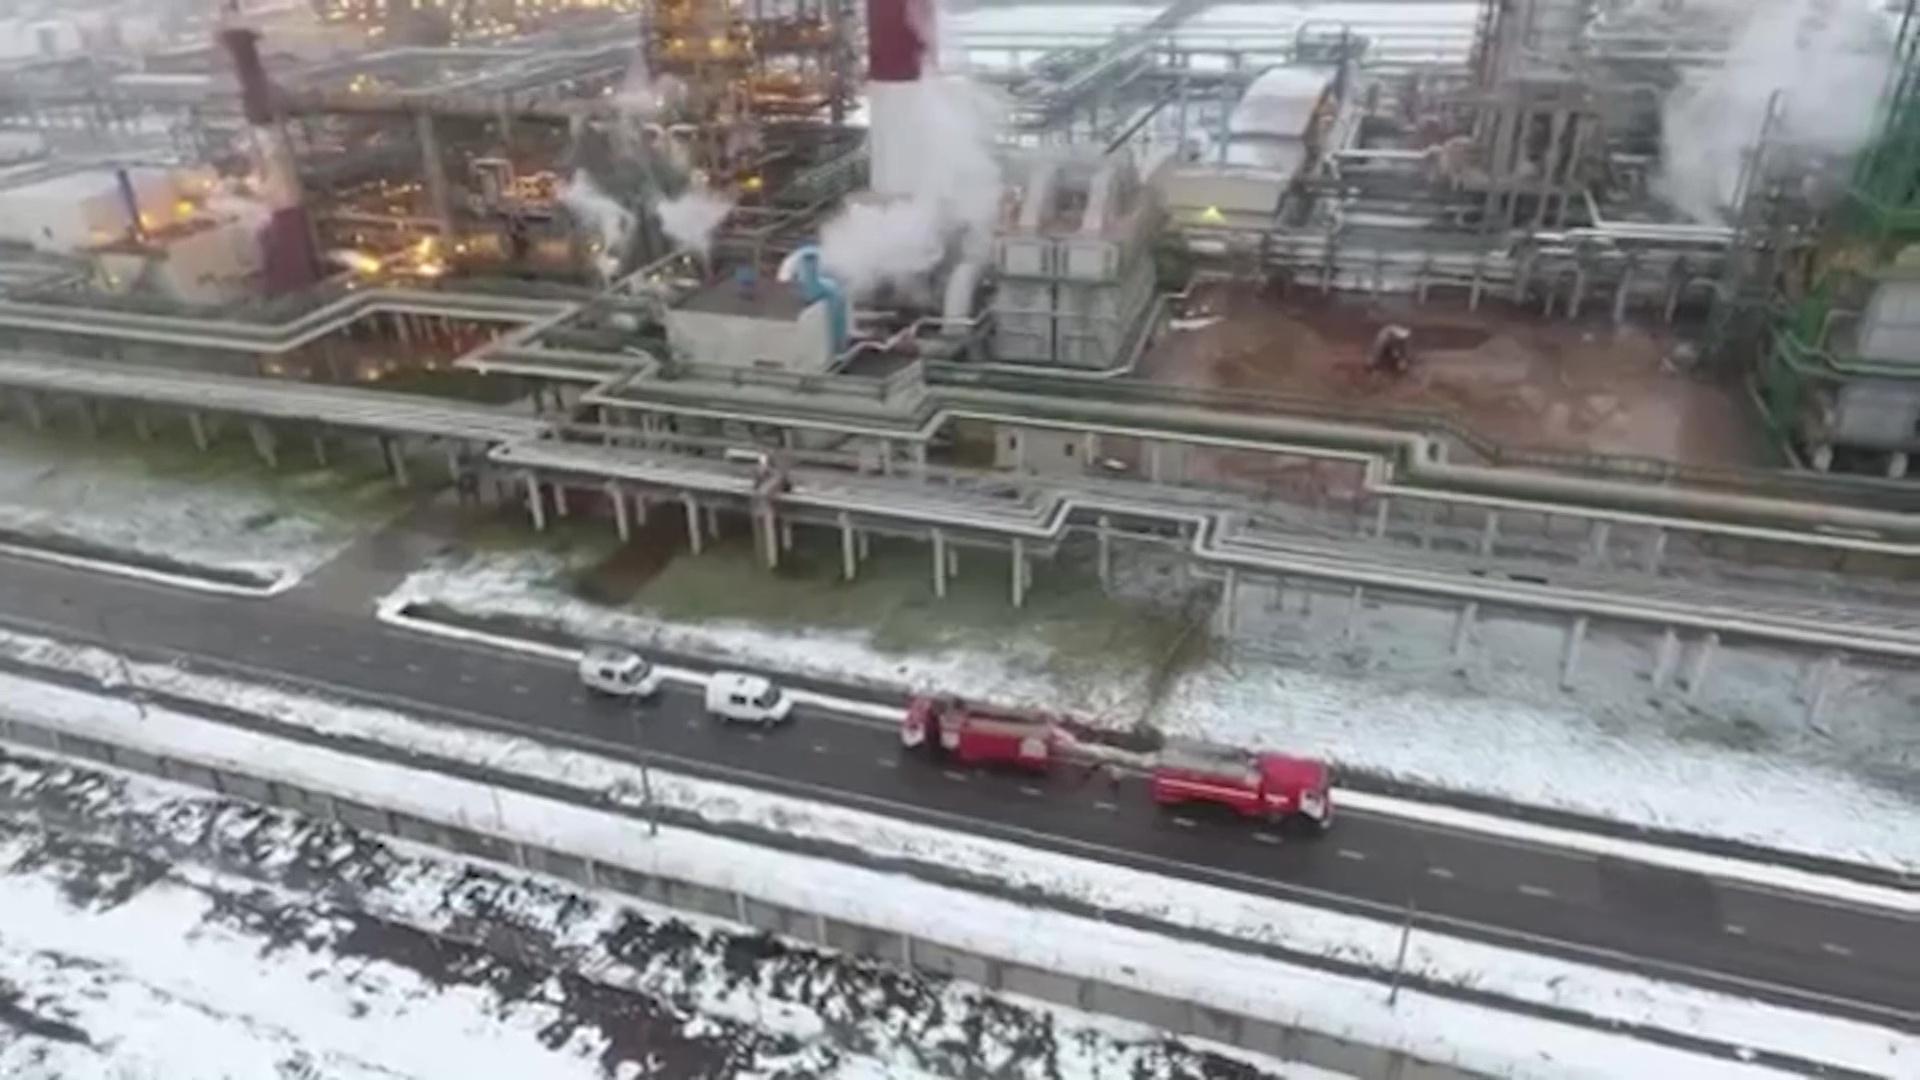 Суд поставил точку в деле о пожаре на ярославском НПЗ